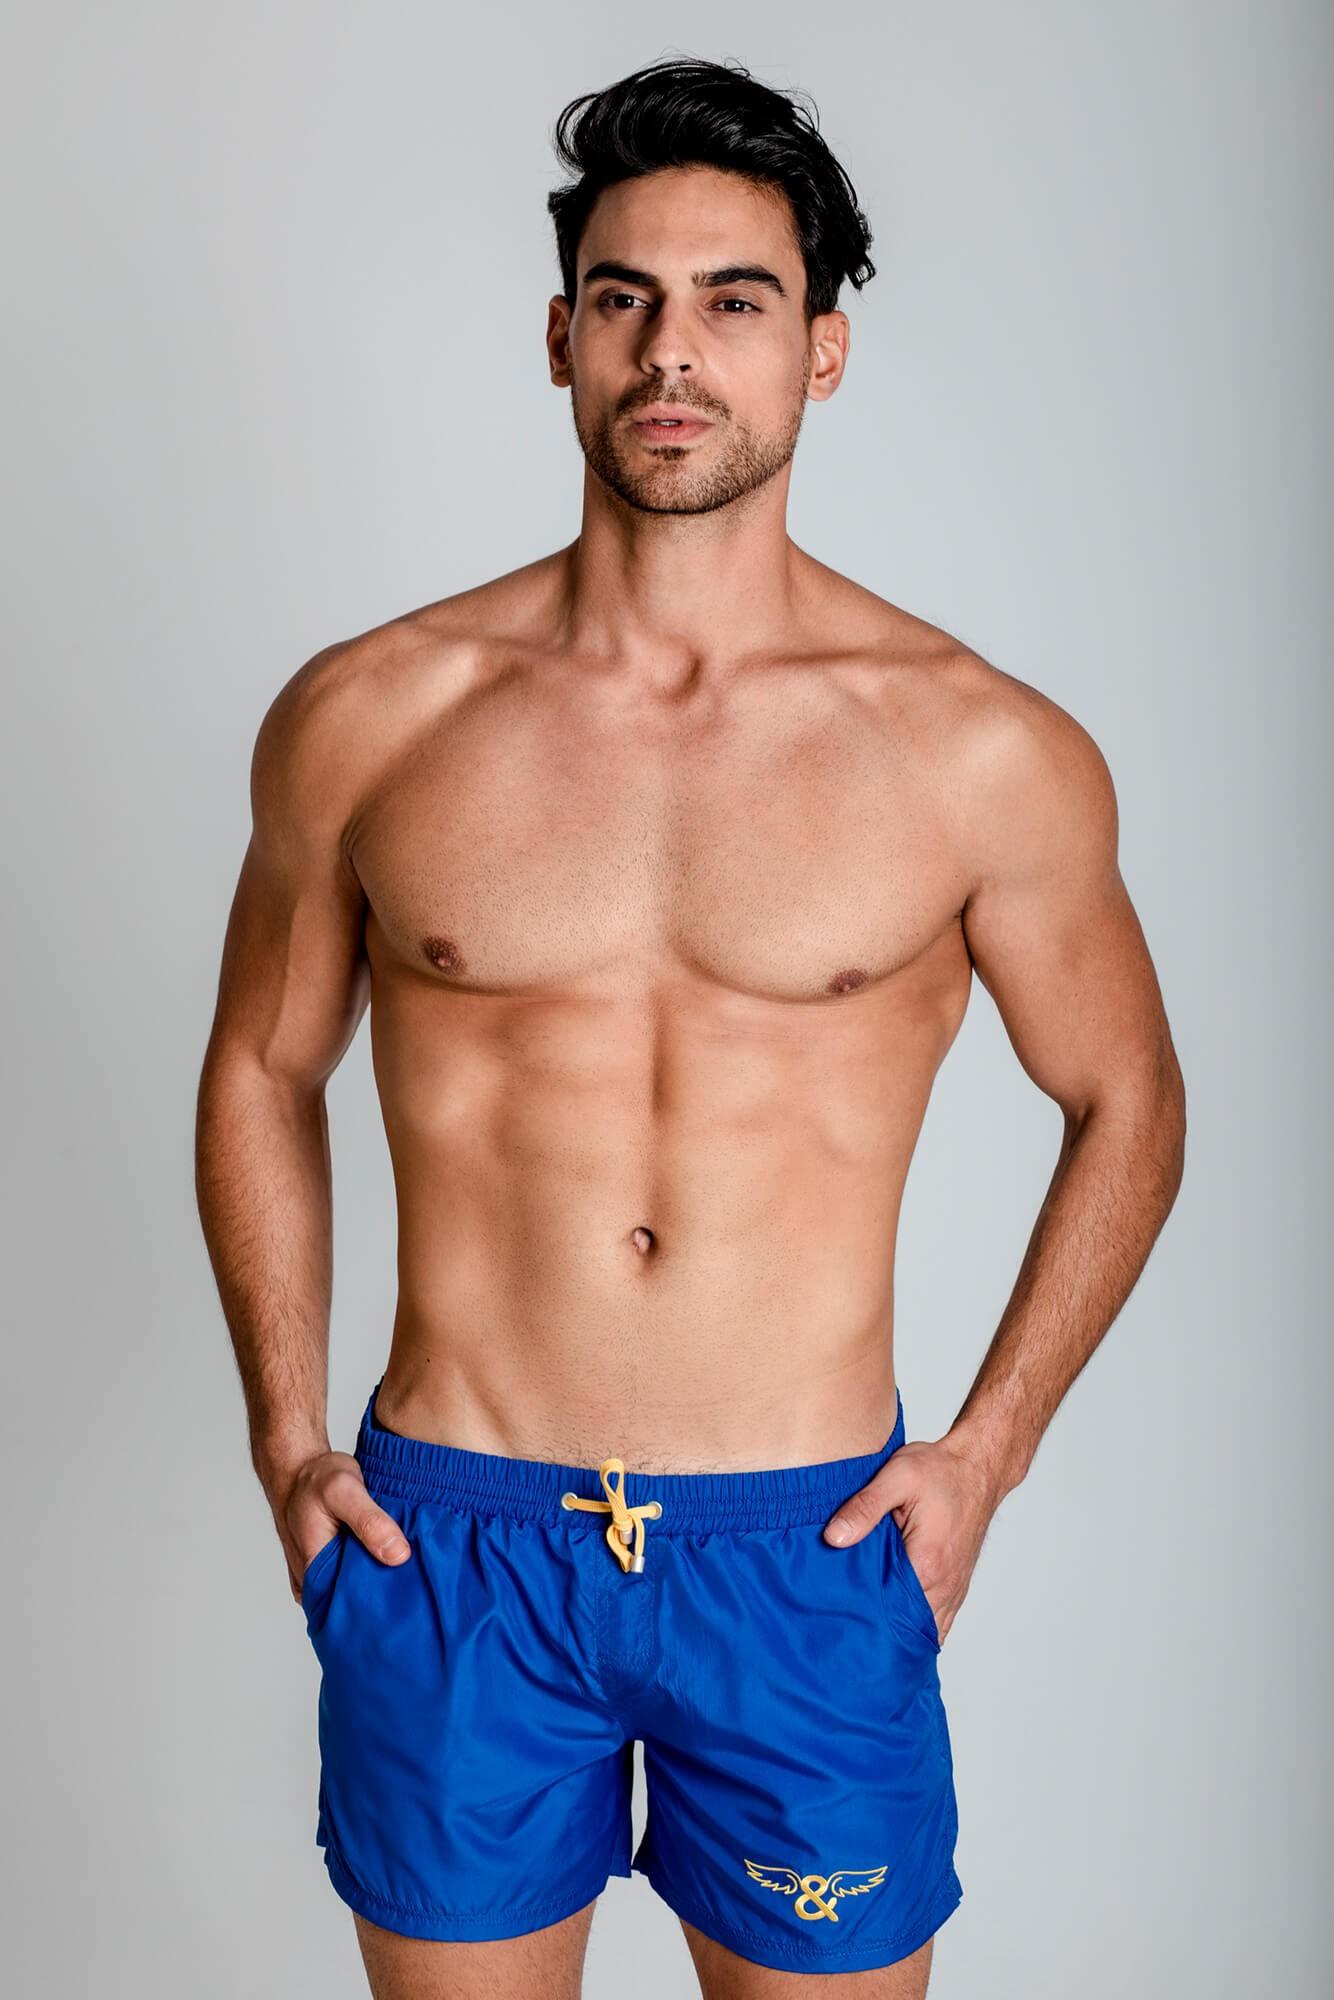 Bañador classic rojo para hombre. De secado rápido, con logo ELIU bordado en la pierna. ELIU Bañadores